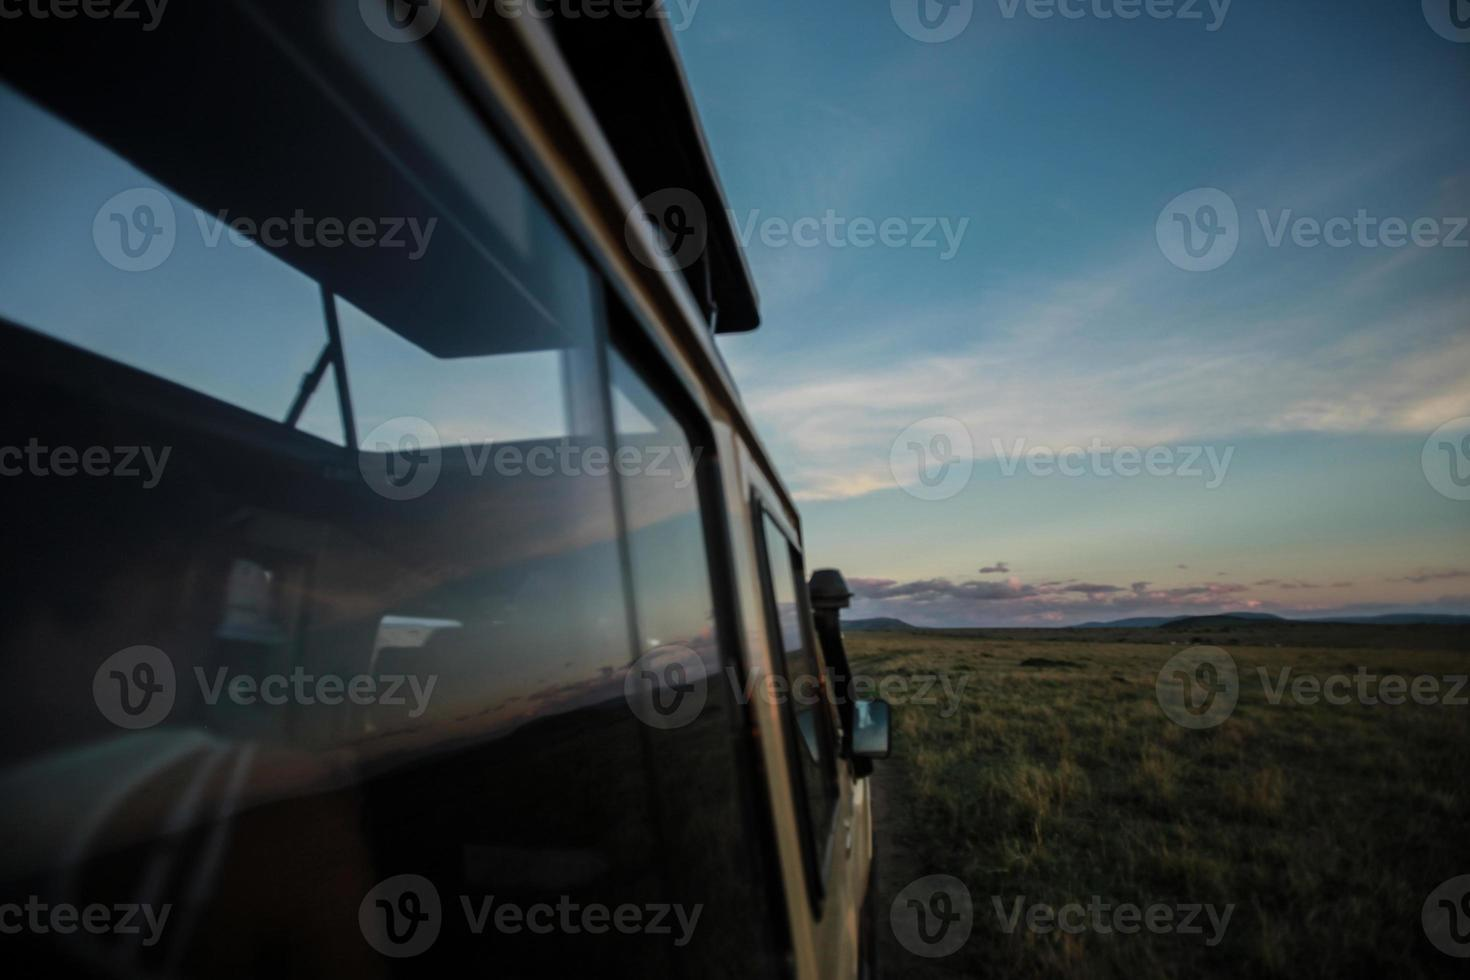 reflexo da janela masi mara foto